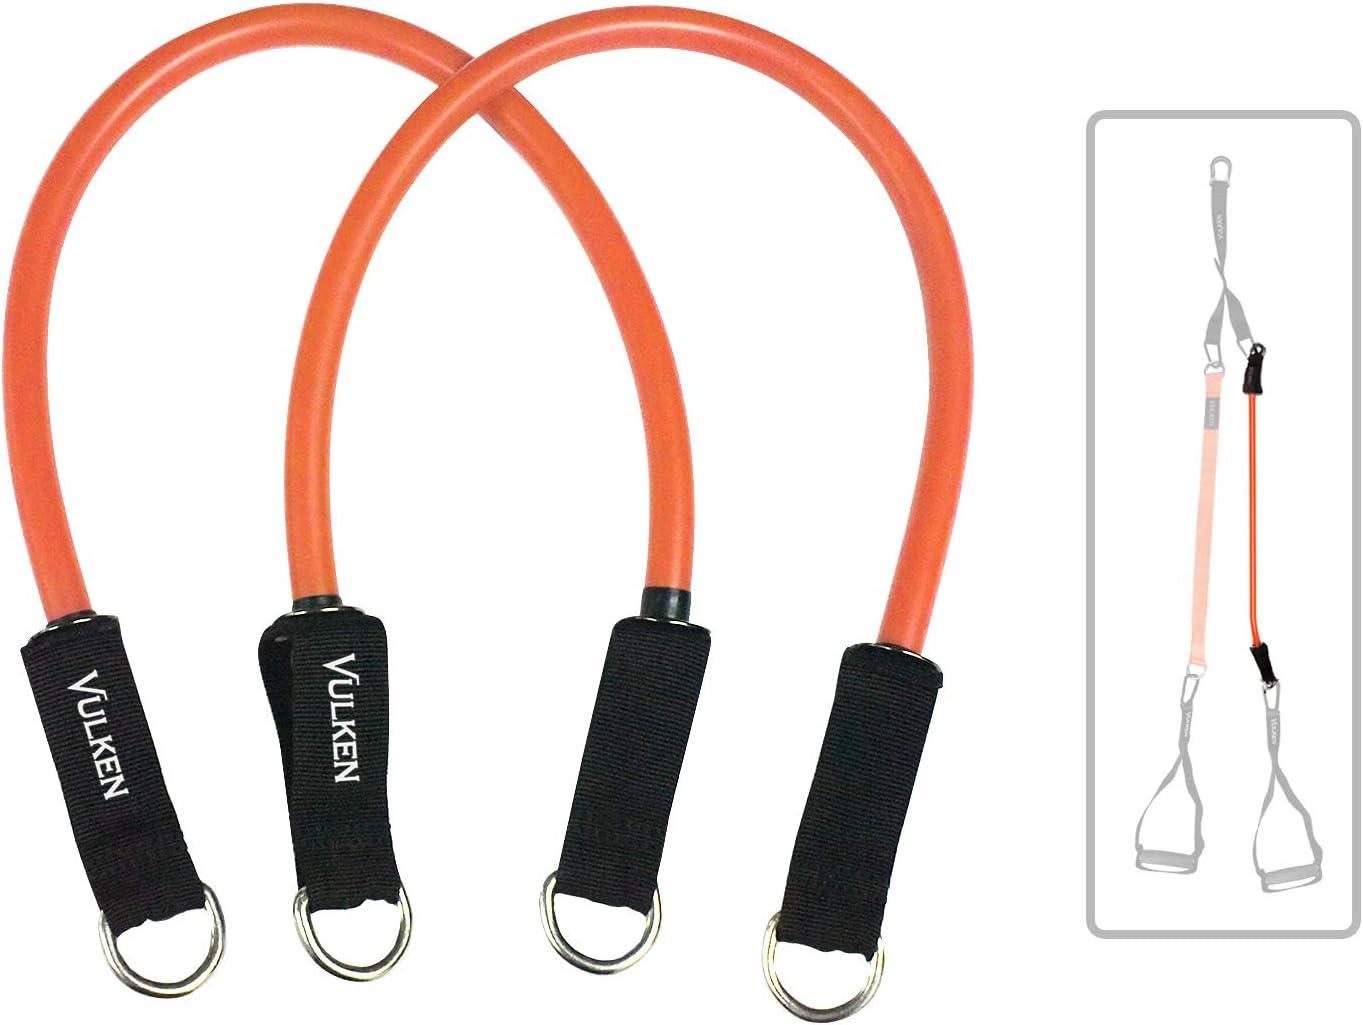 Vulken - Entrenador de suspensión con bandas de resistencia CoreSlings Entrenamiento de cuerpo completo con múltiples modos de entrenamiento de peso ...